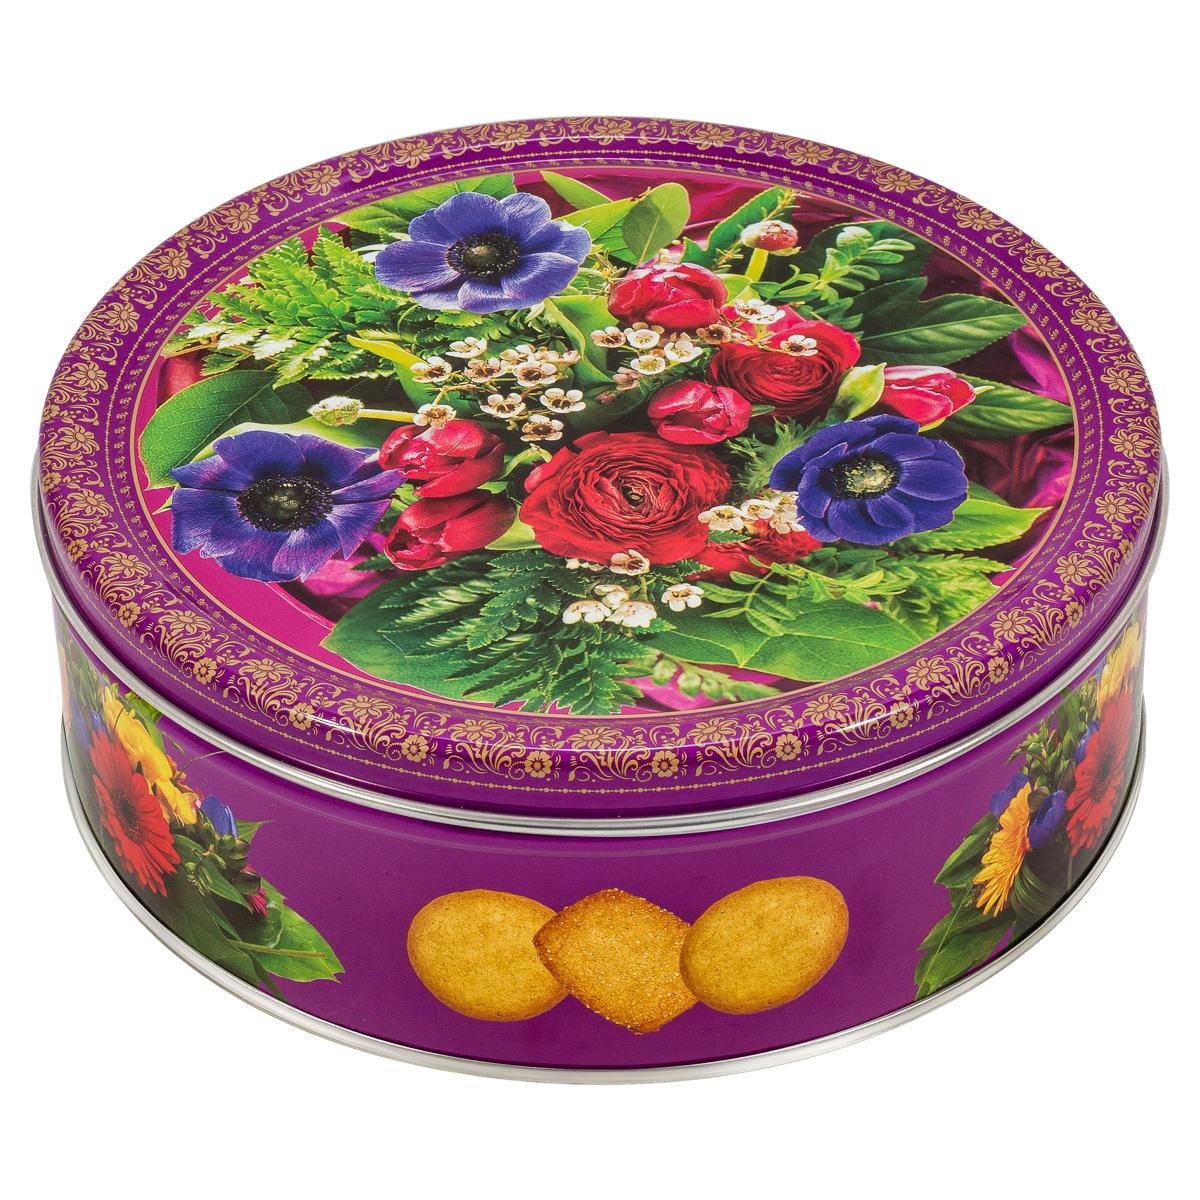 Monte Christo Букет в лиловых тонах печенье сдобное, 400 г, в ассортименте сладкая сказка новогодний календарь снегурочка 75 г